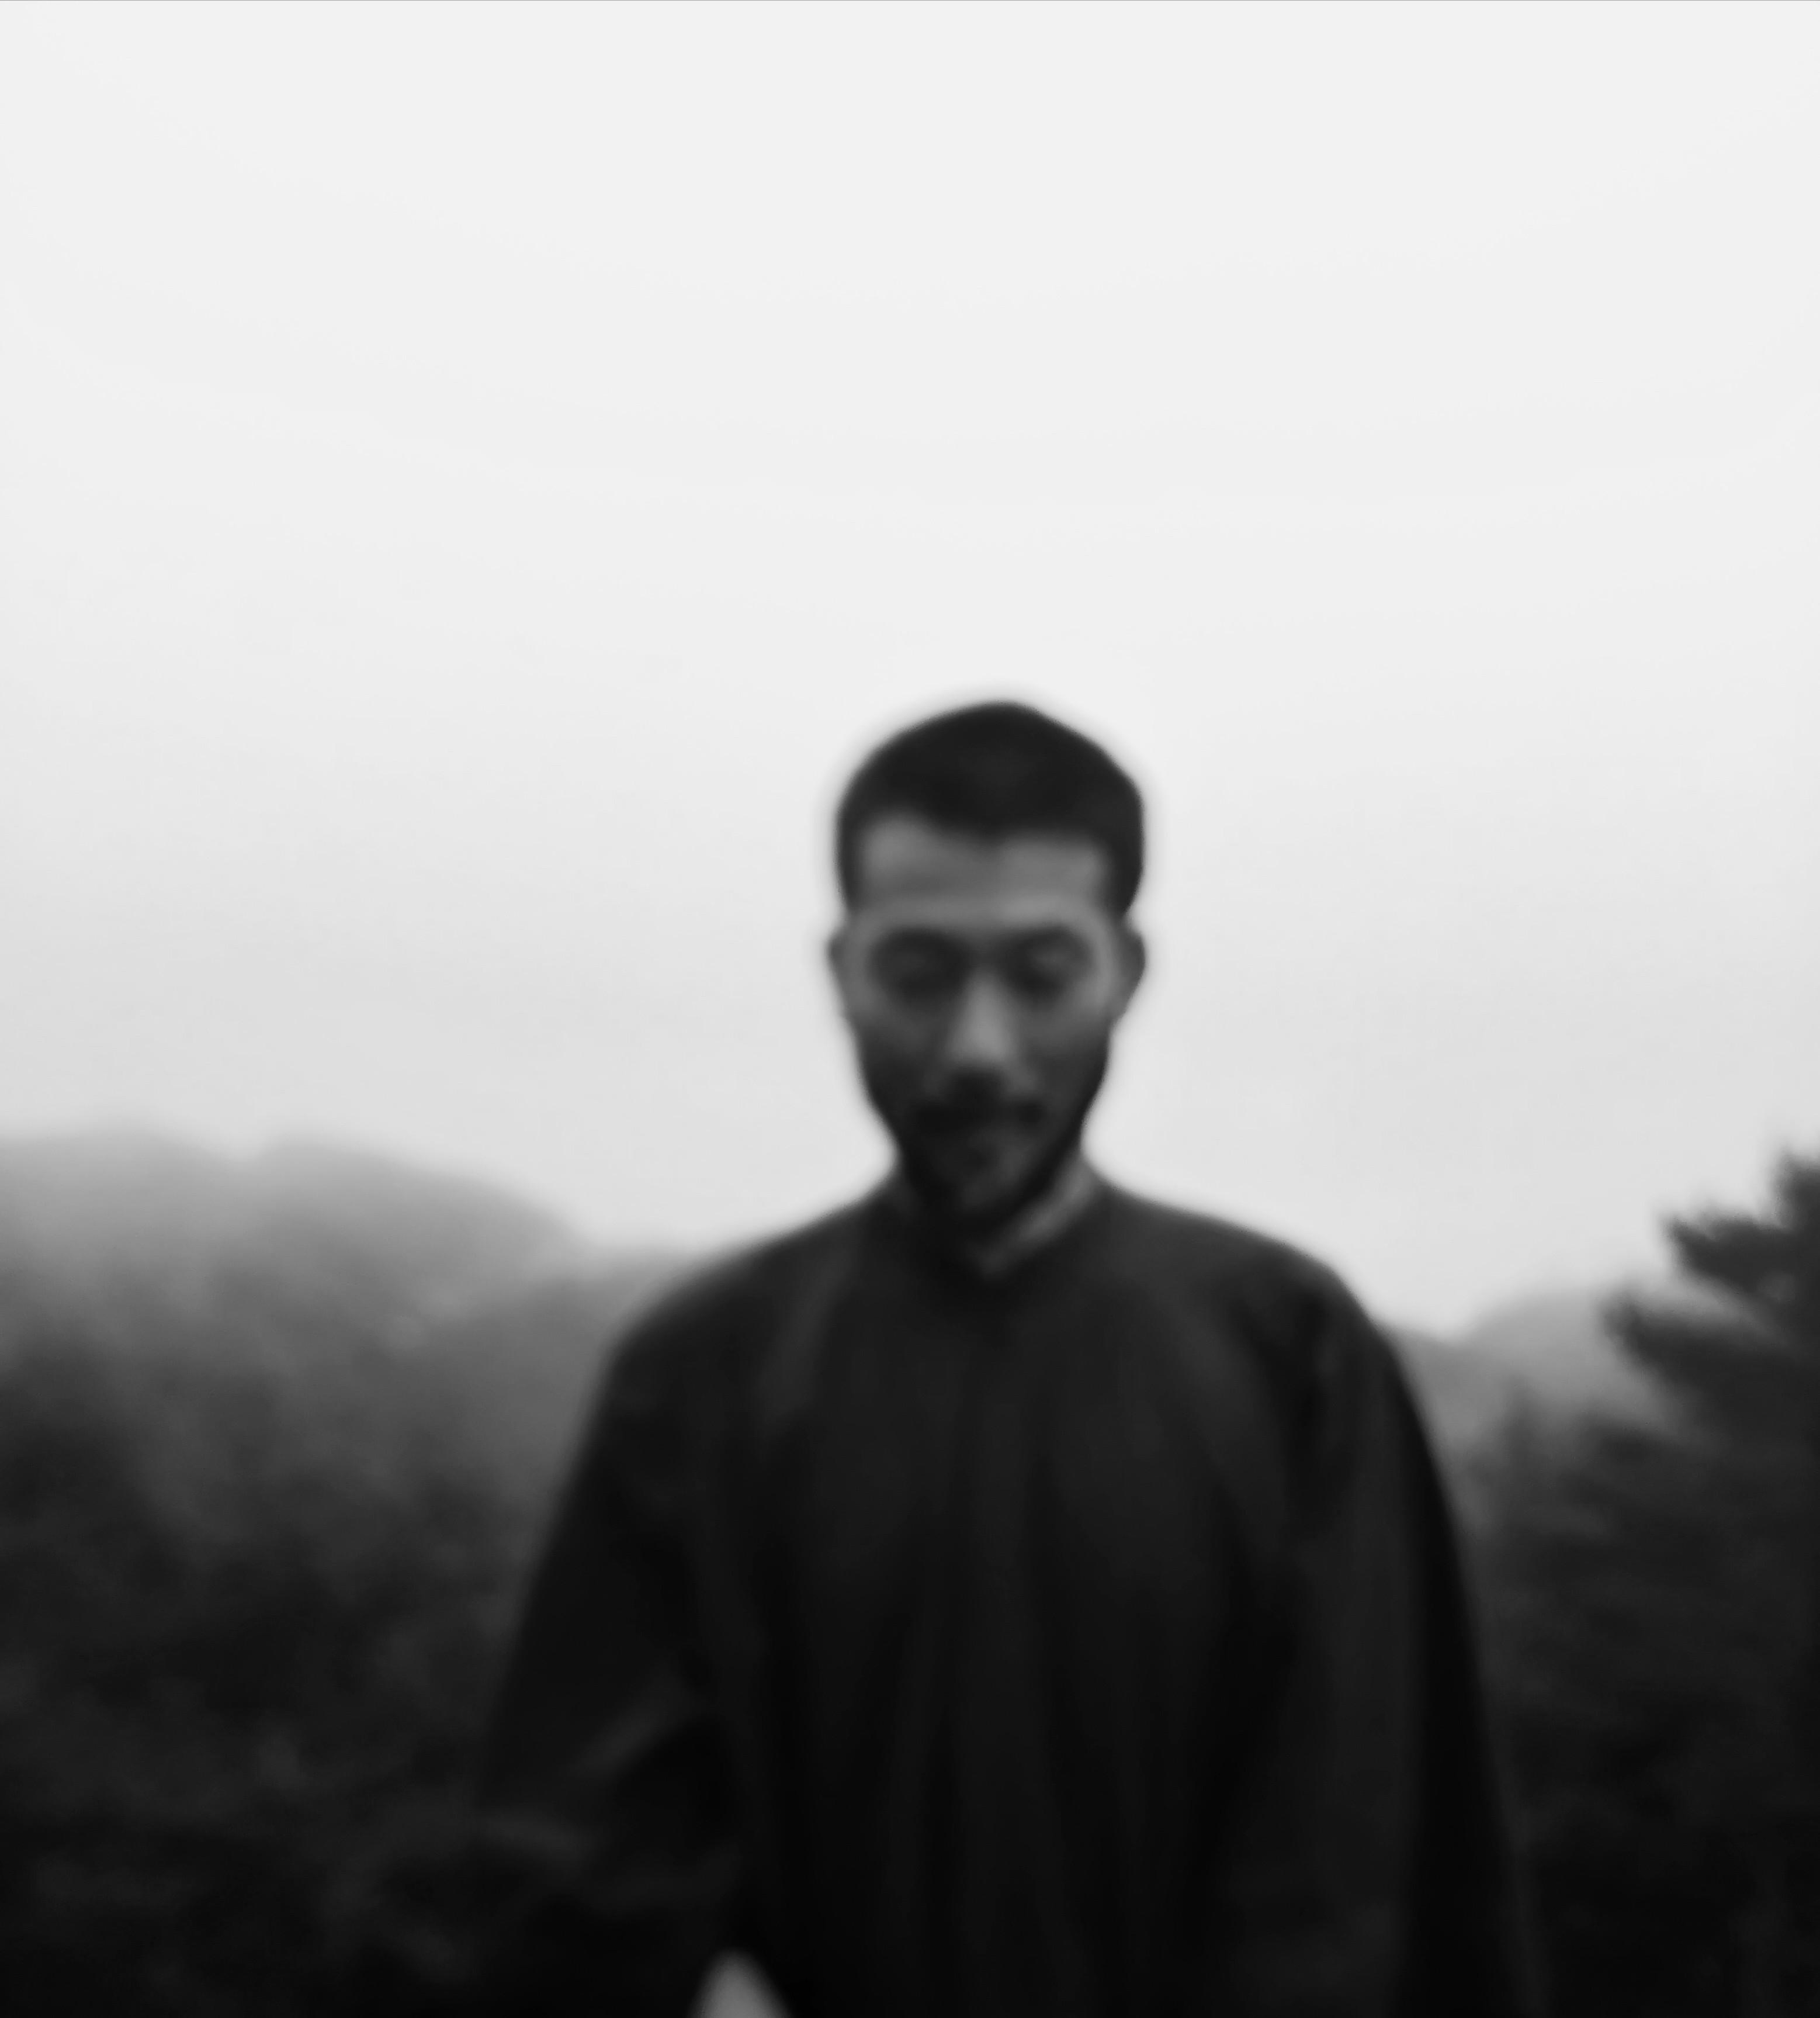 赤斬月 中村達也 Tatsuya Nakamura(Drums) /スガダイロー Dairo Suga(Piano)九州公演に 志人 出演決定_d0158942_16293880.jpg